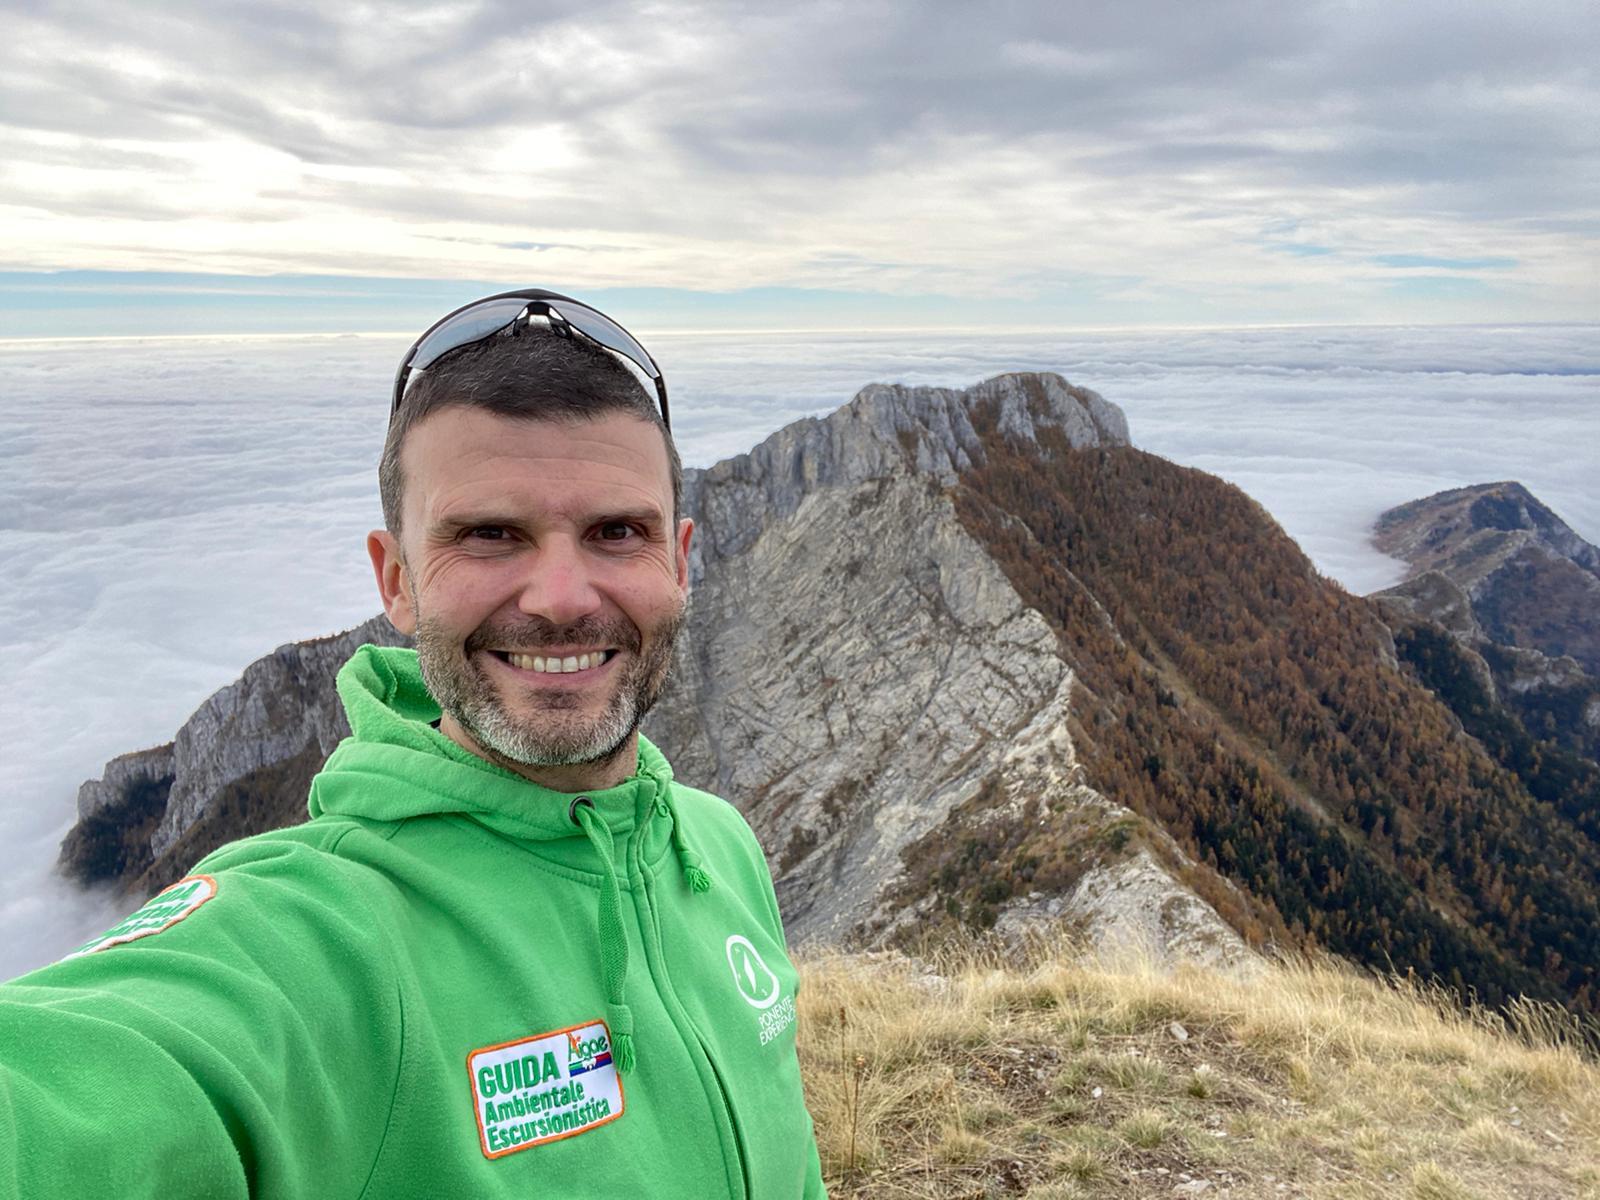 Luca Patelli Guida Ambientale Escursionistica